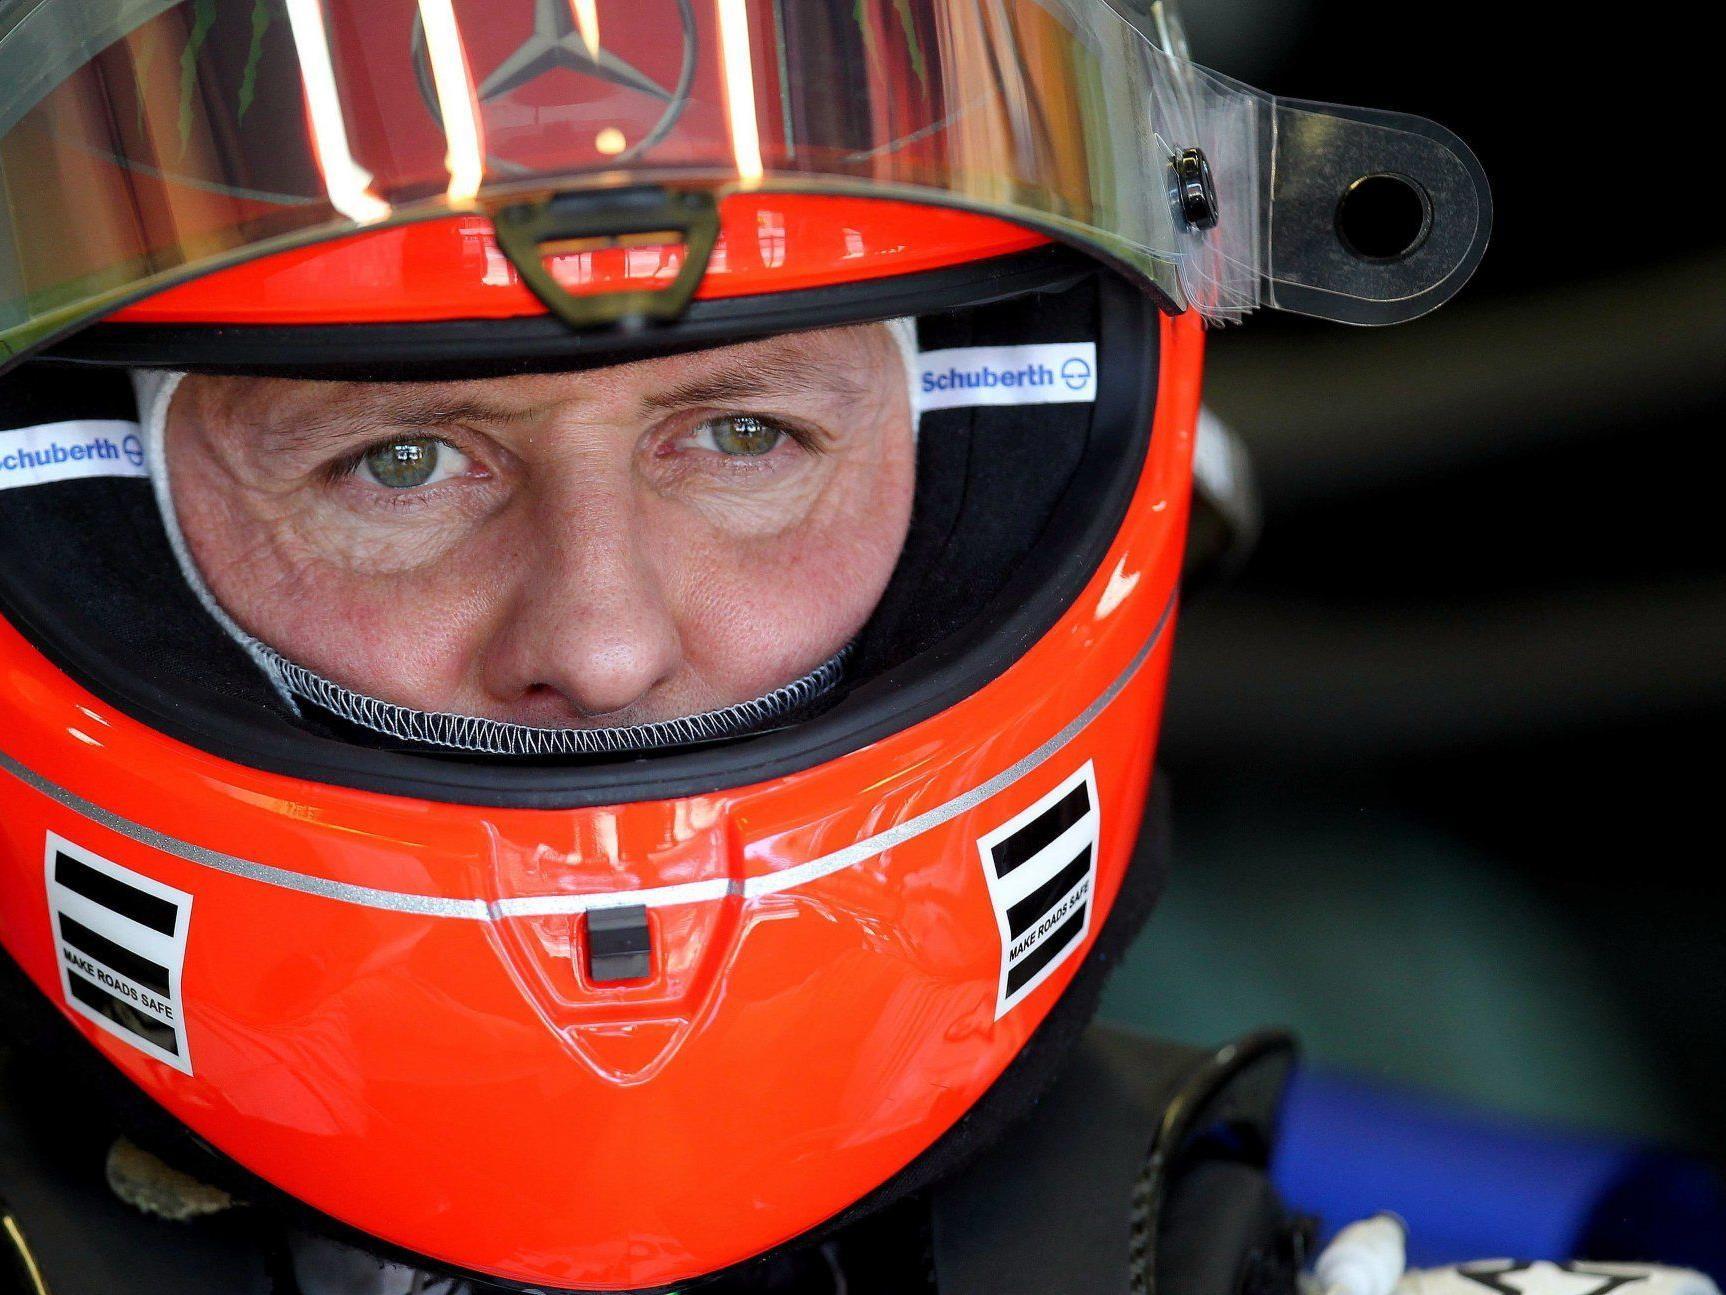 Der erfolgreichste Formel-1-Fahrer aller Zeiten mit sieben WM-Titeln: Michal Schumacher